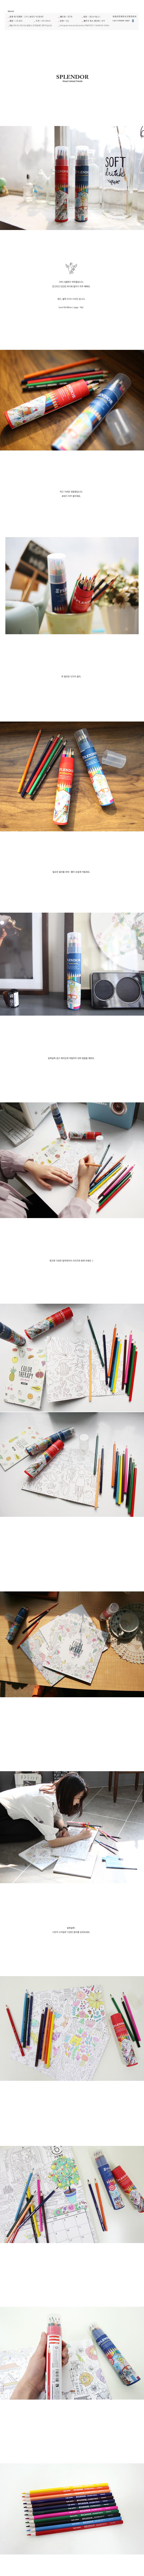 3000스플랜더색연필세트_12색(랜덤발송) - 핑크풋, 3,000원, 연필, 연필세트